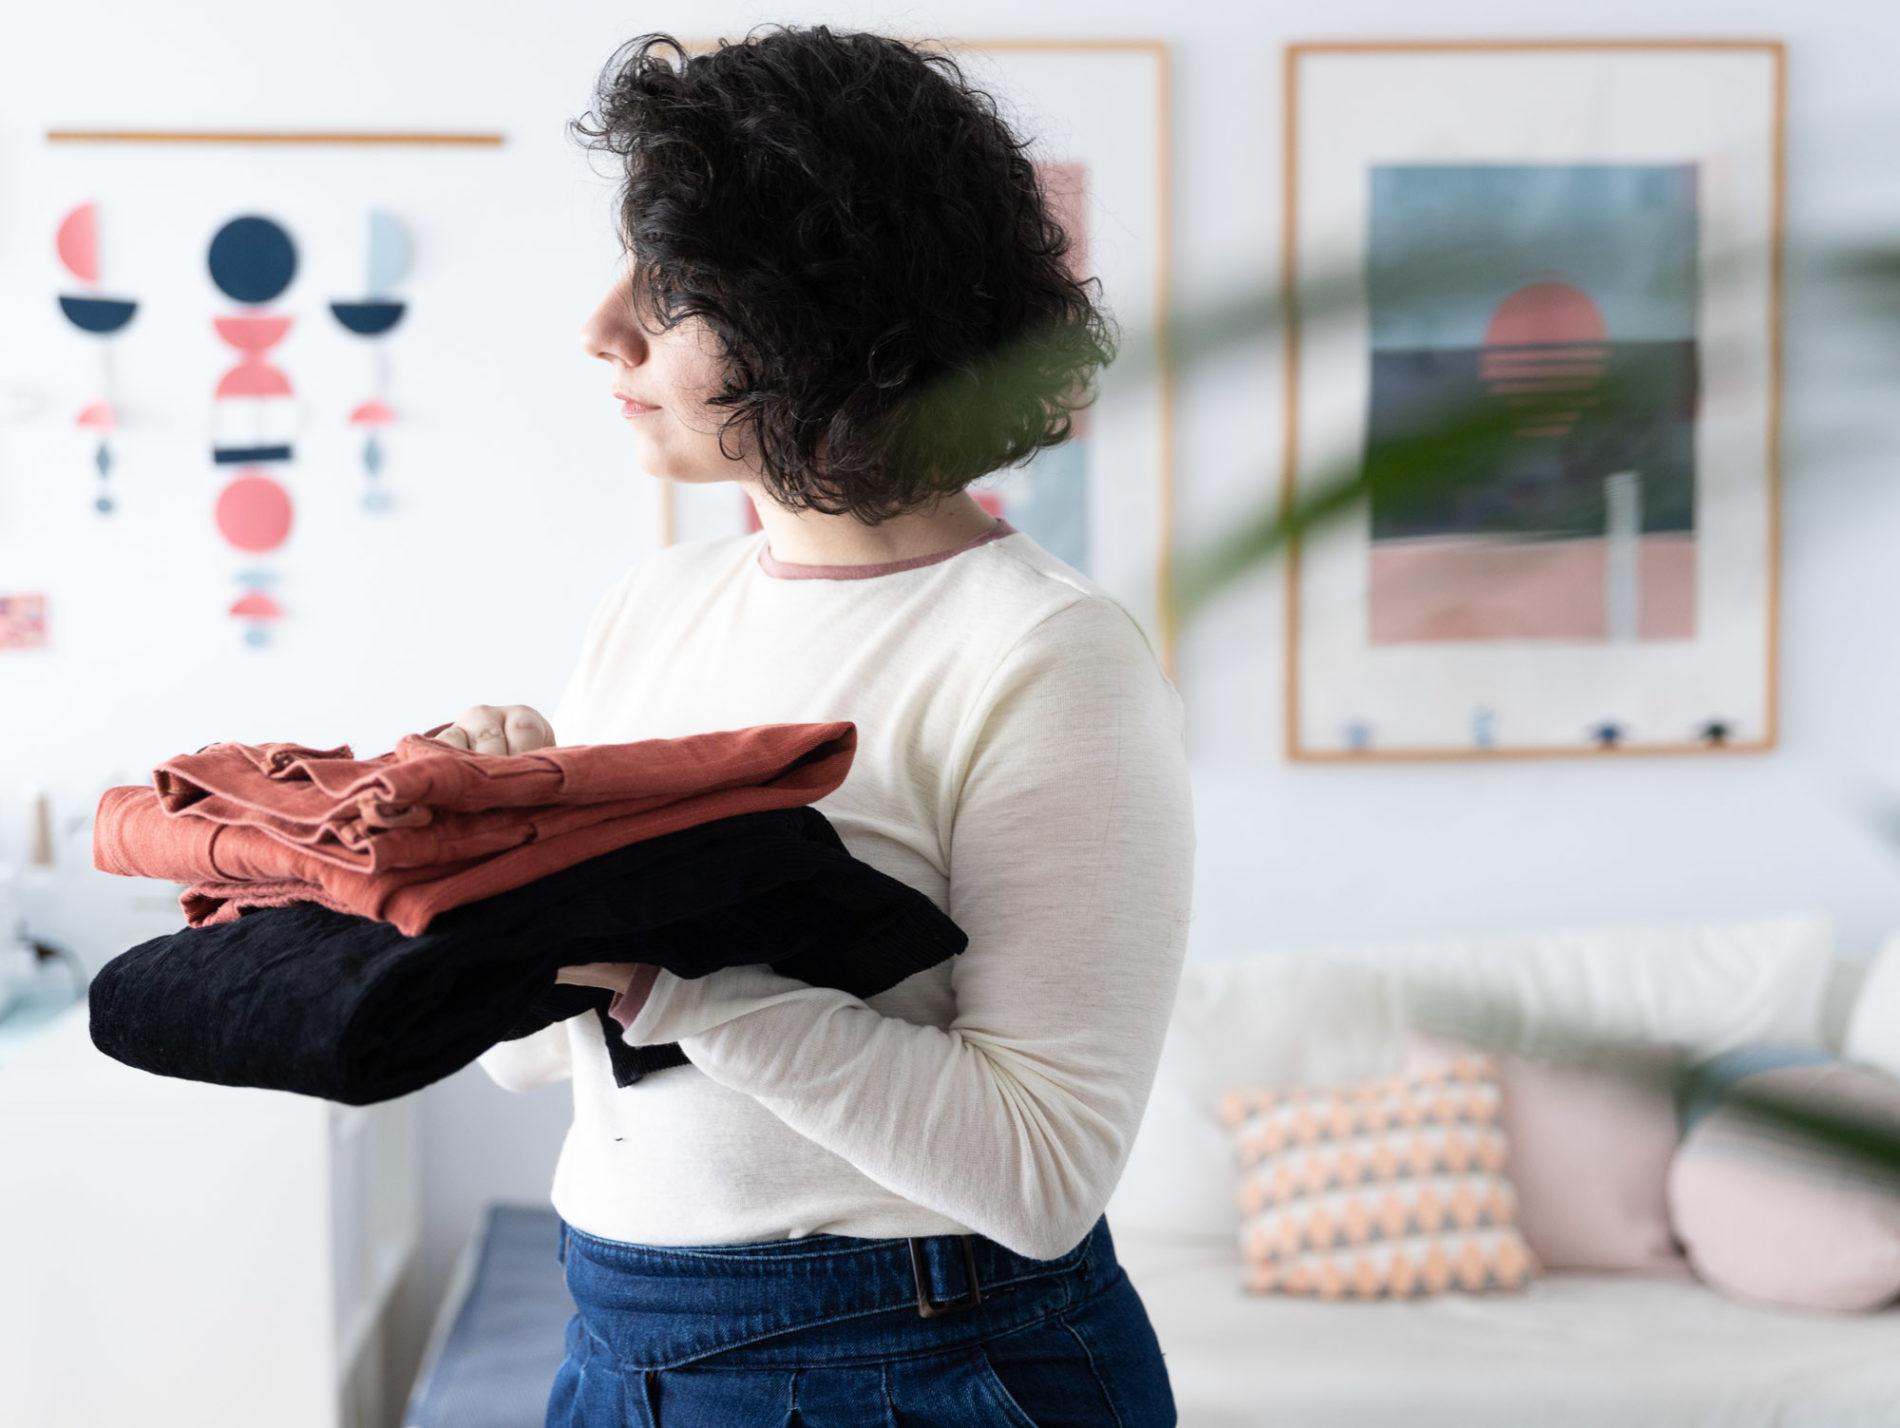 Kleidung reparieren - Gedanken zu Wertschätzung und Nachhaltigkeit in der Mode - Tweed & Greet